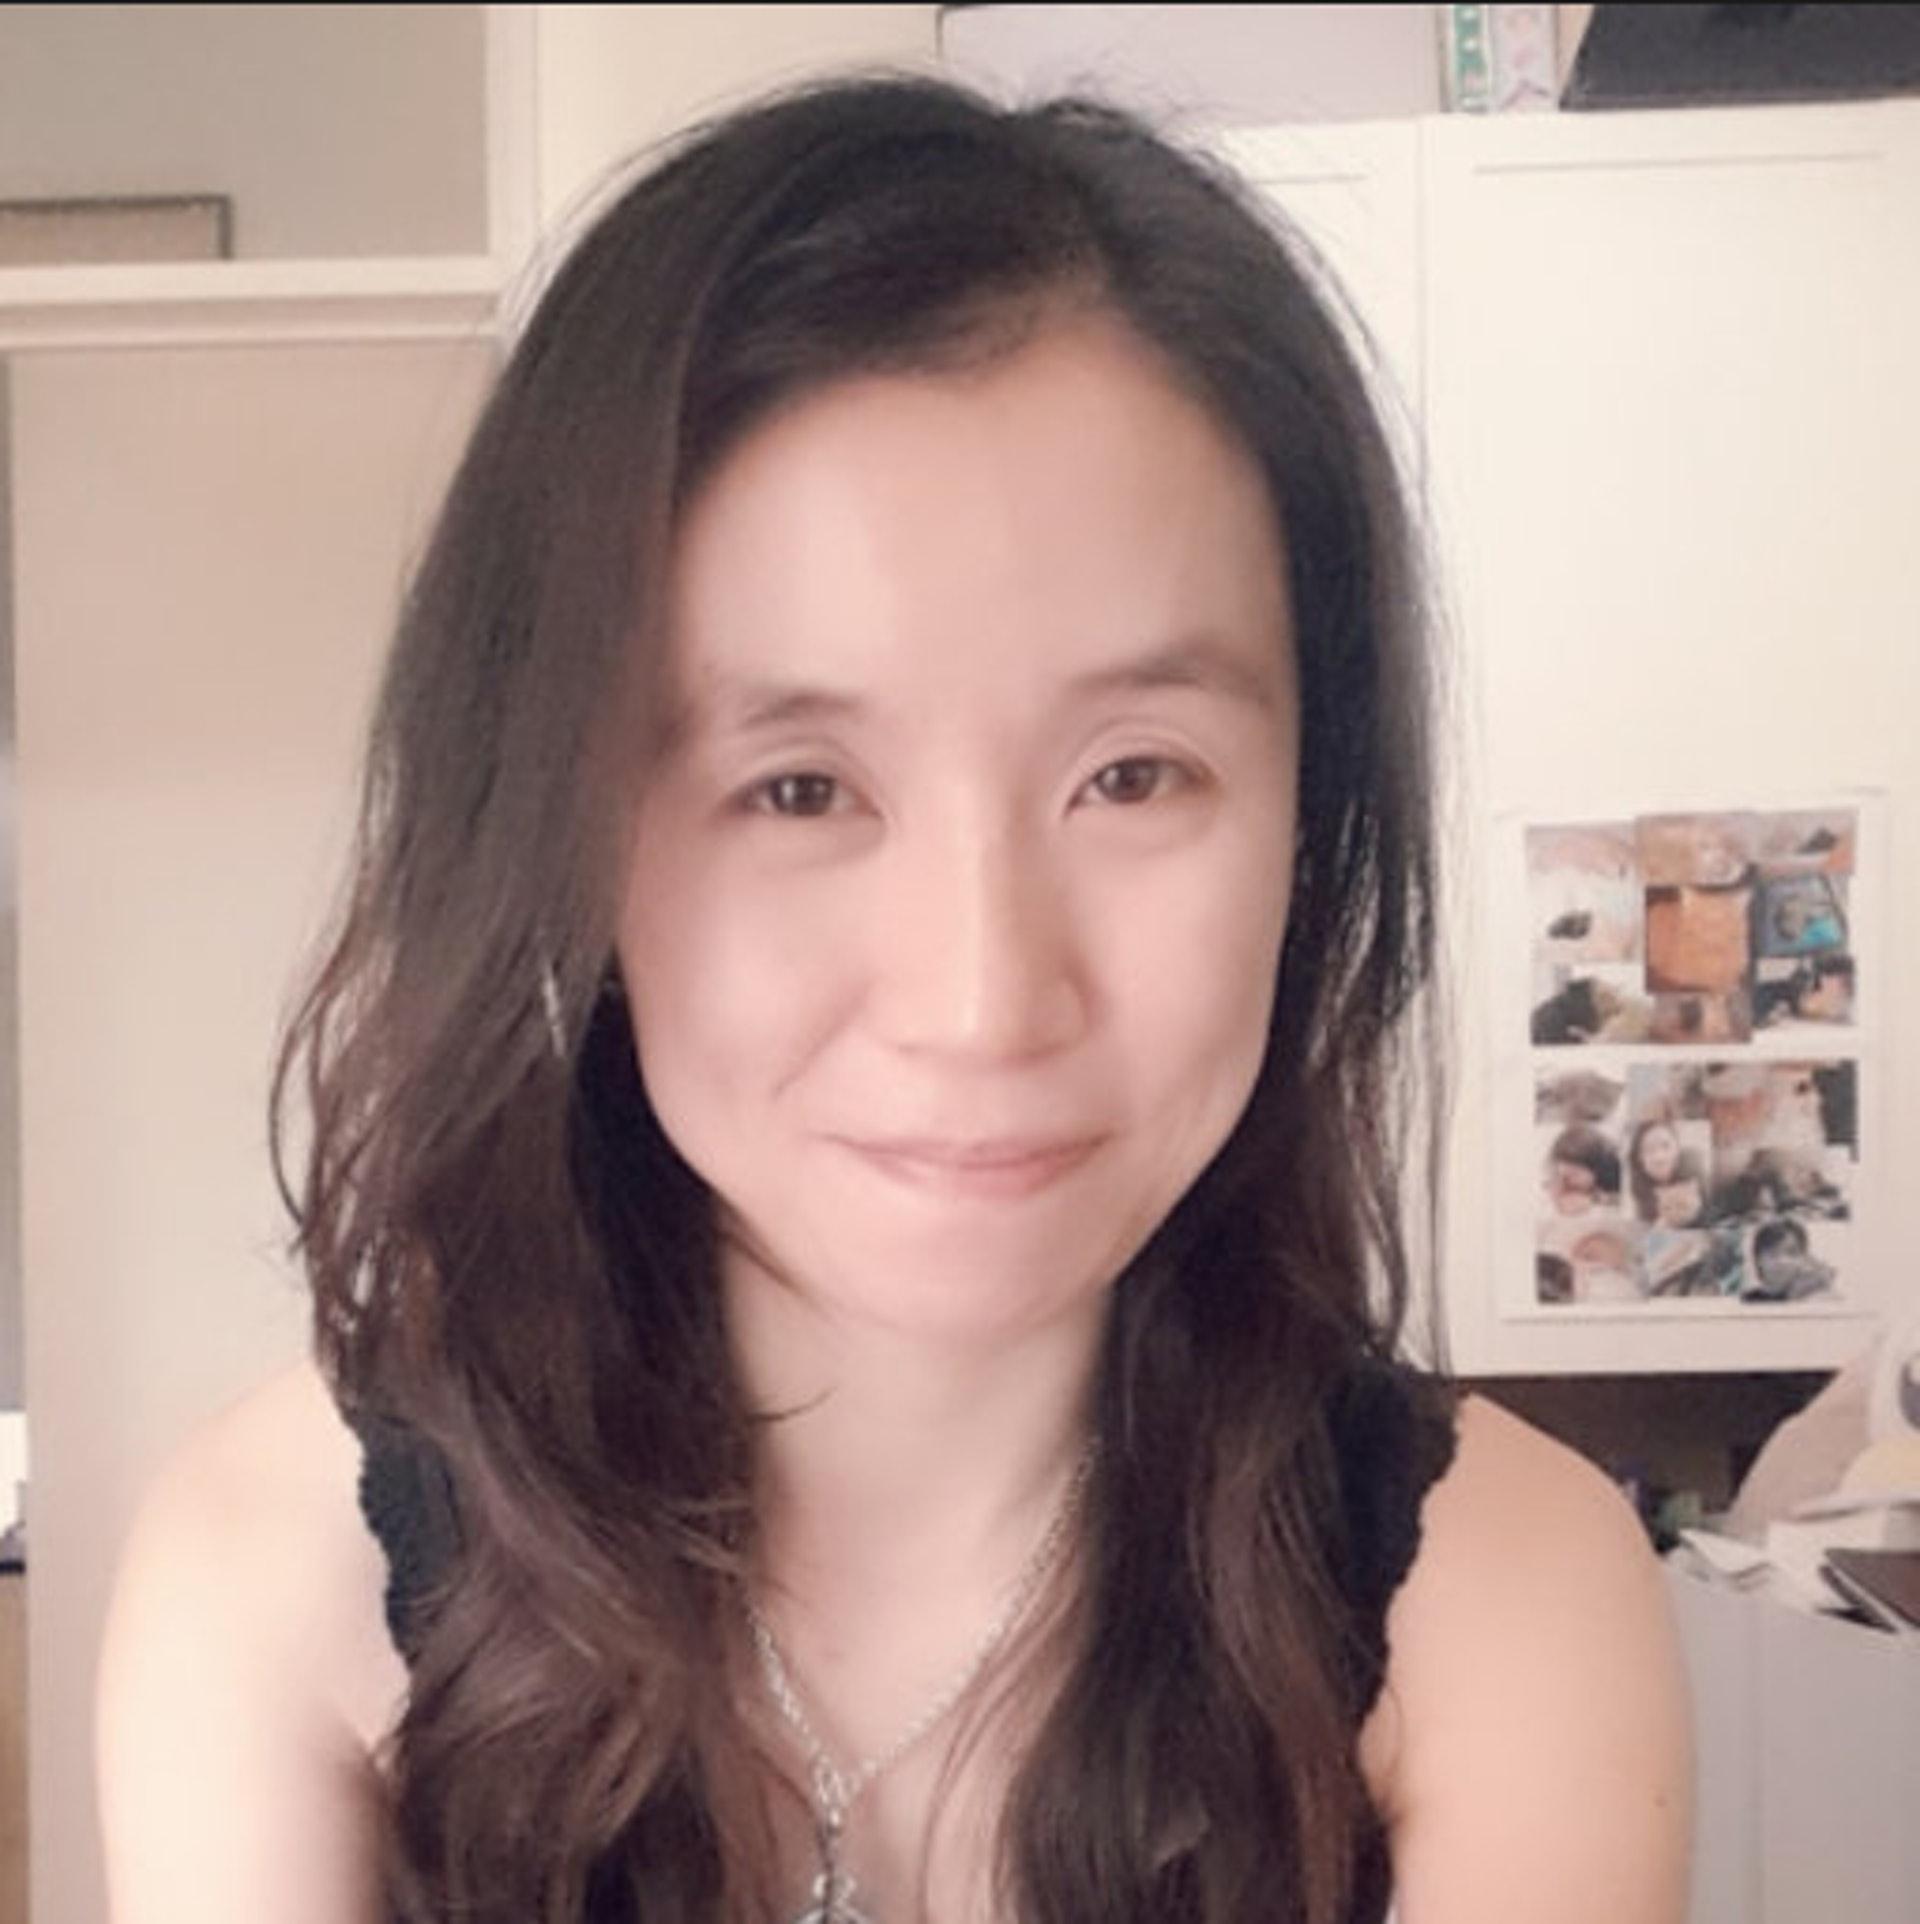 李泳怡Shara Lee是理大的助理教授,亦曾与许金山一起做研究。(网上图片)